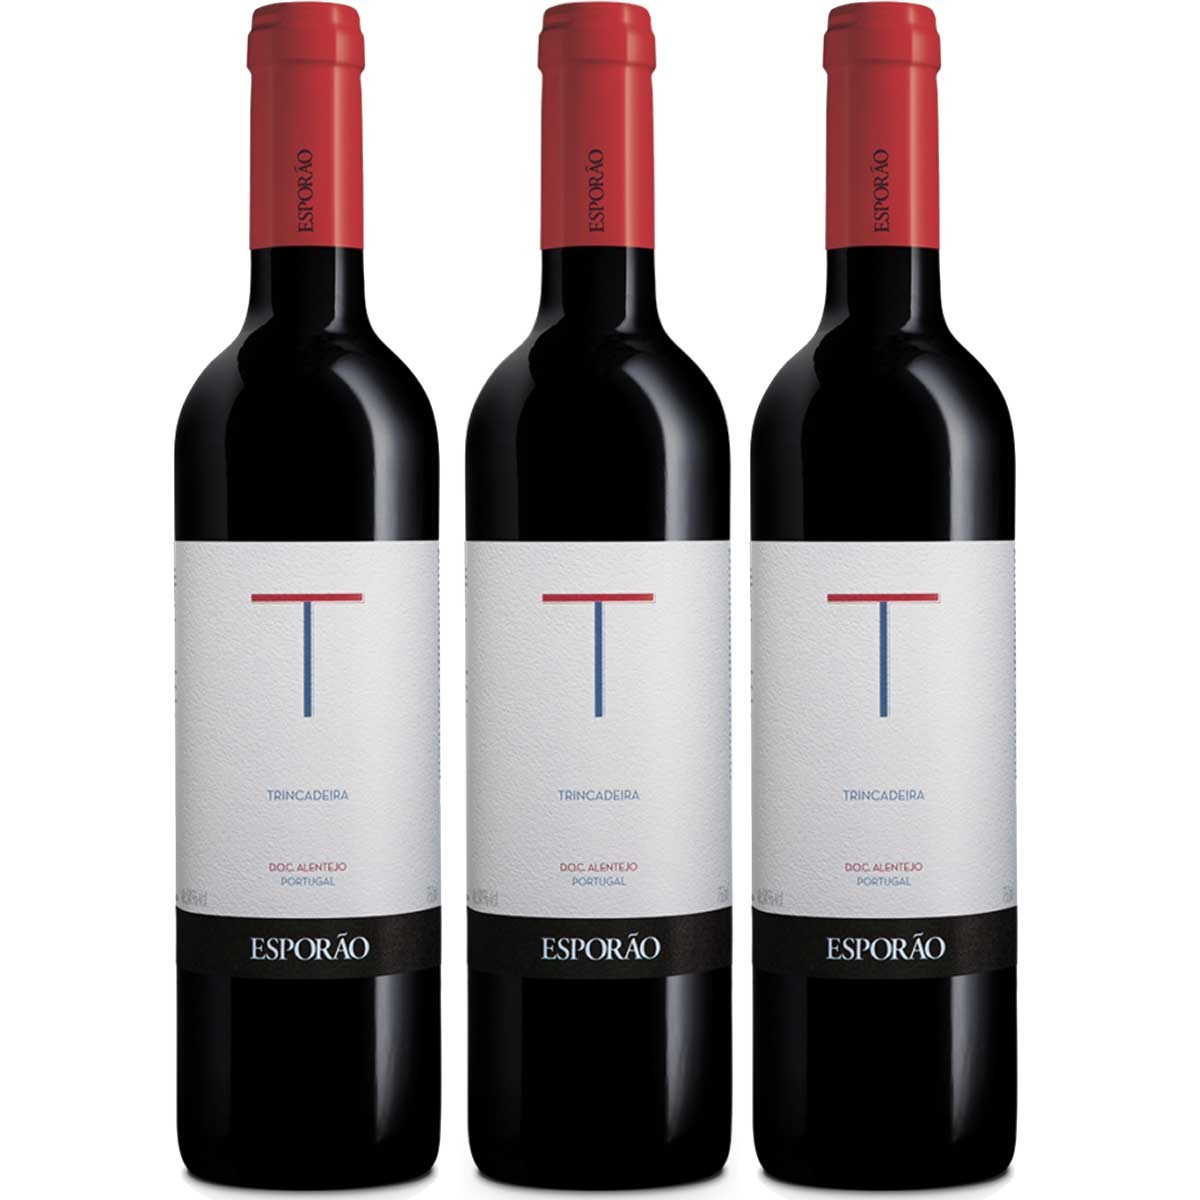 Kit 3 Vinhos Tinto Português Esporão Trincadeira 2018 750ml